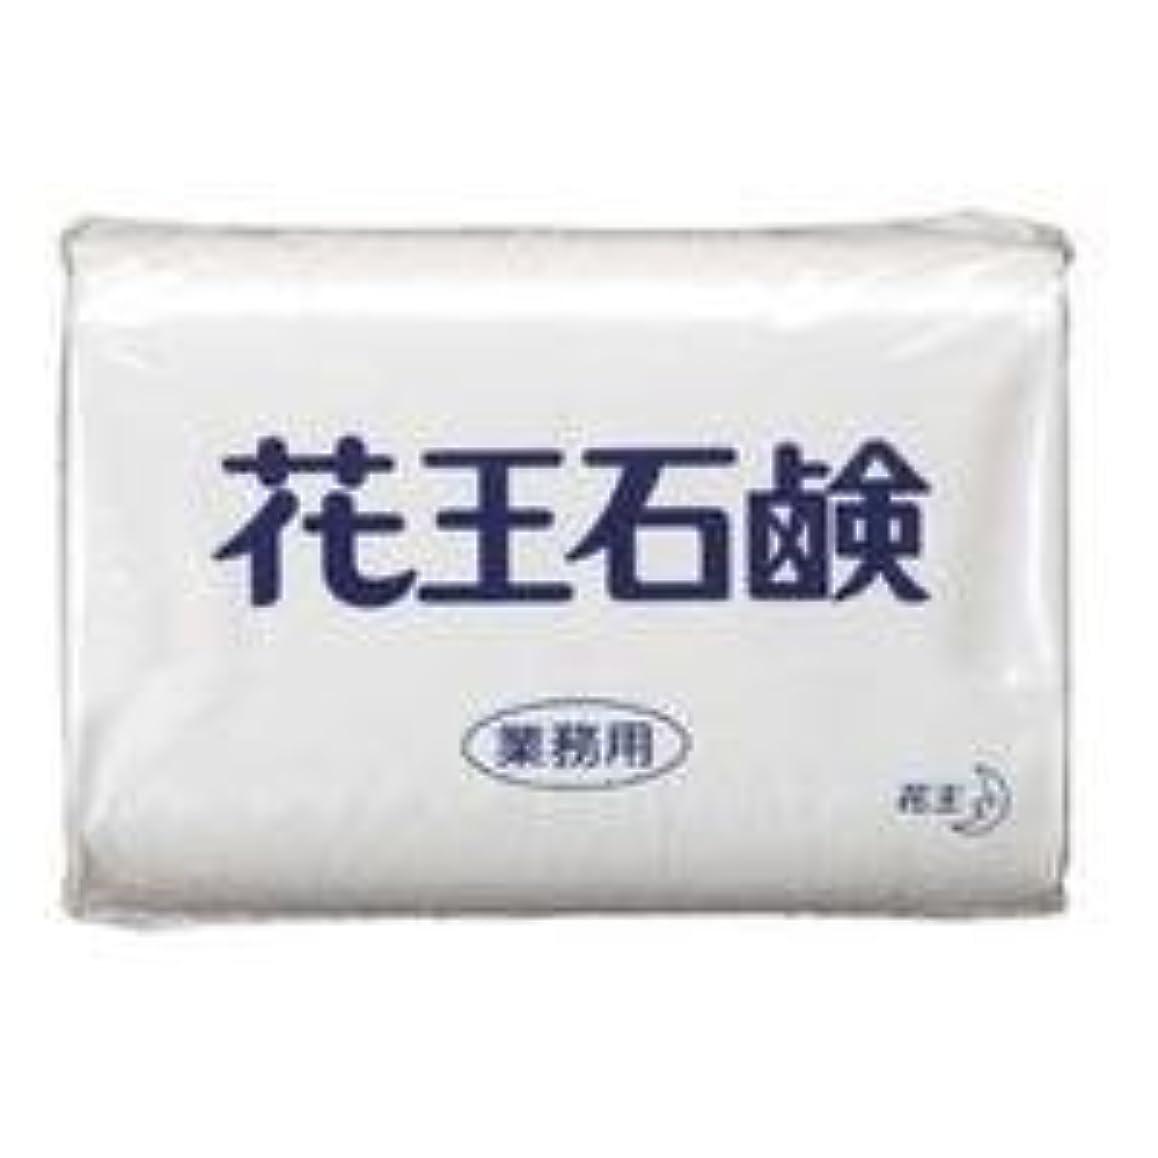 針冷蔵する主権者業務用石鹸 85g 3個×40パック(120個入り)